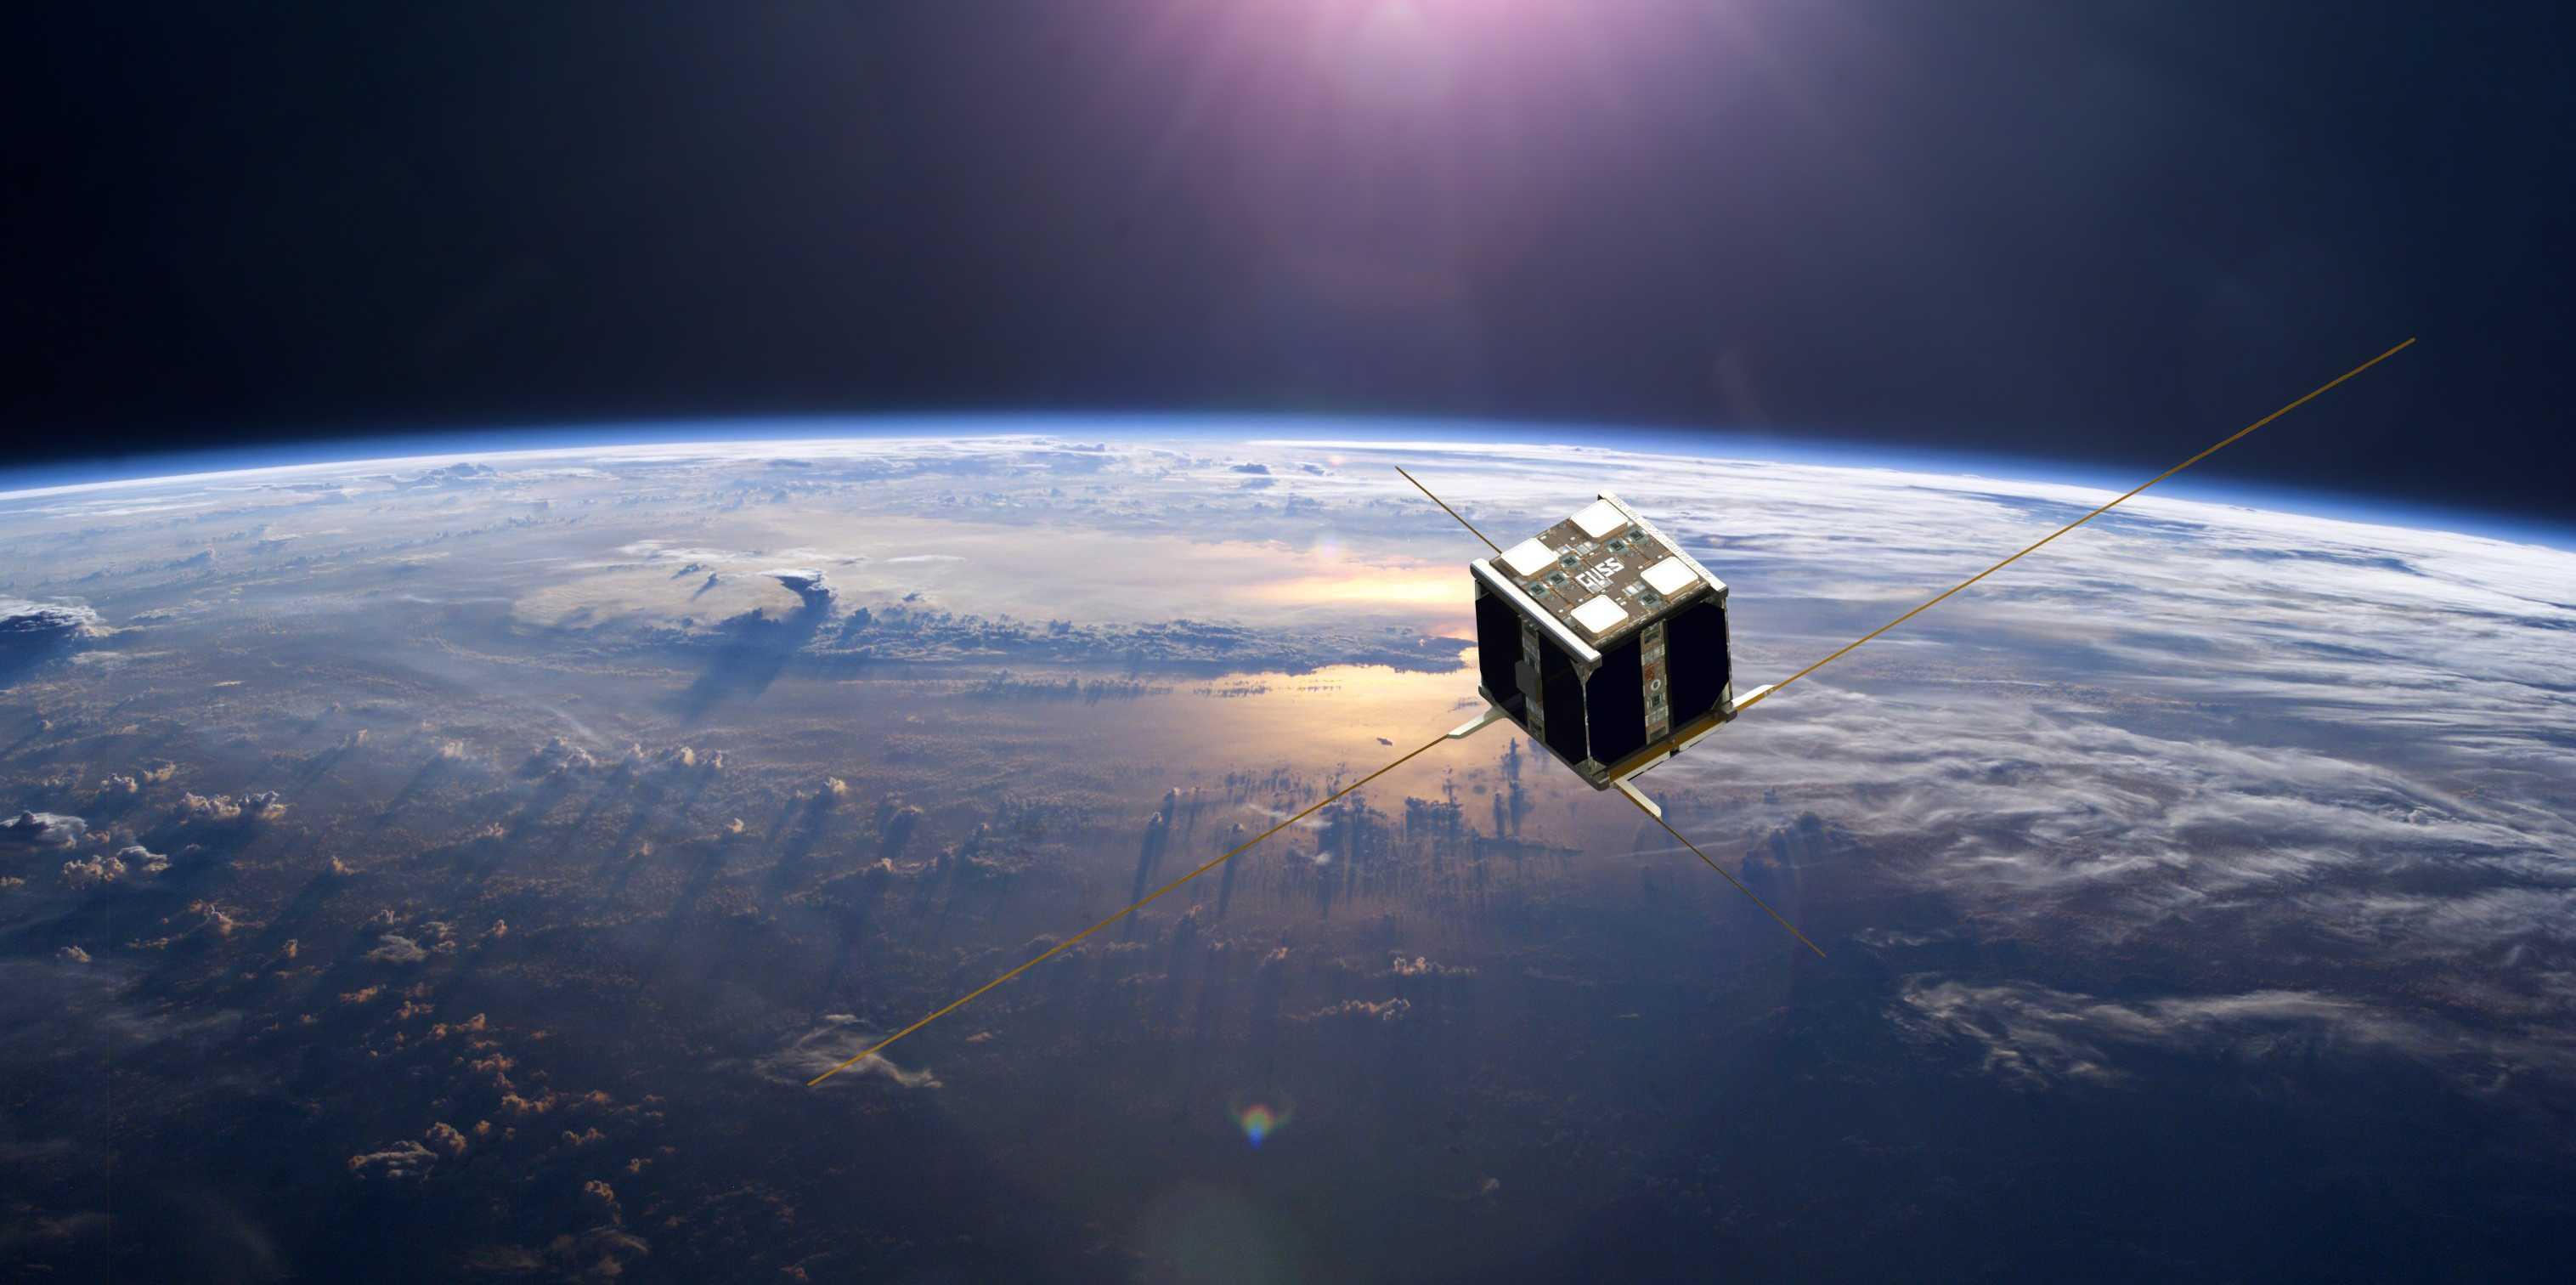 فناوری و زیرسیستمهای یک تاسواره (کیوبست، ماهواره مکعبی)